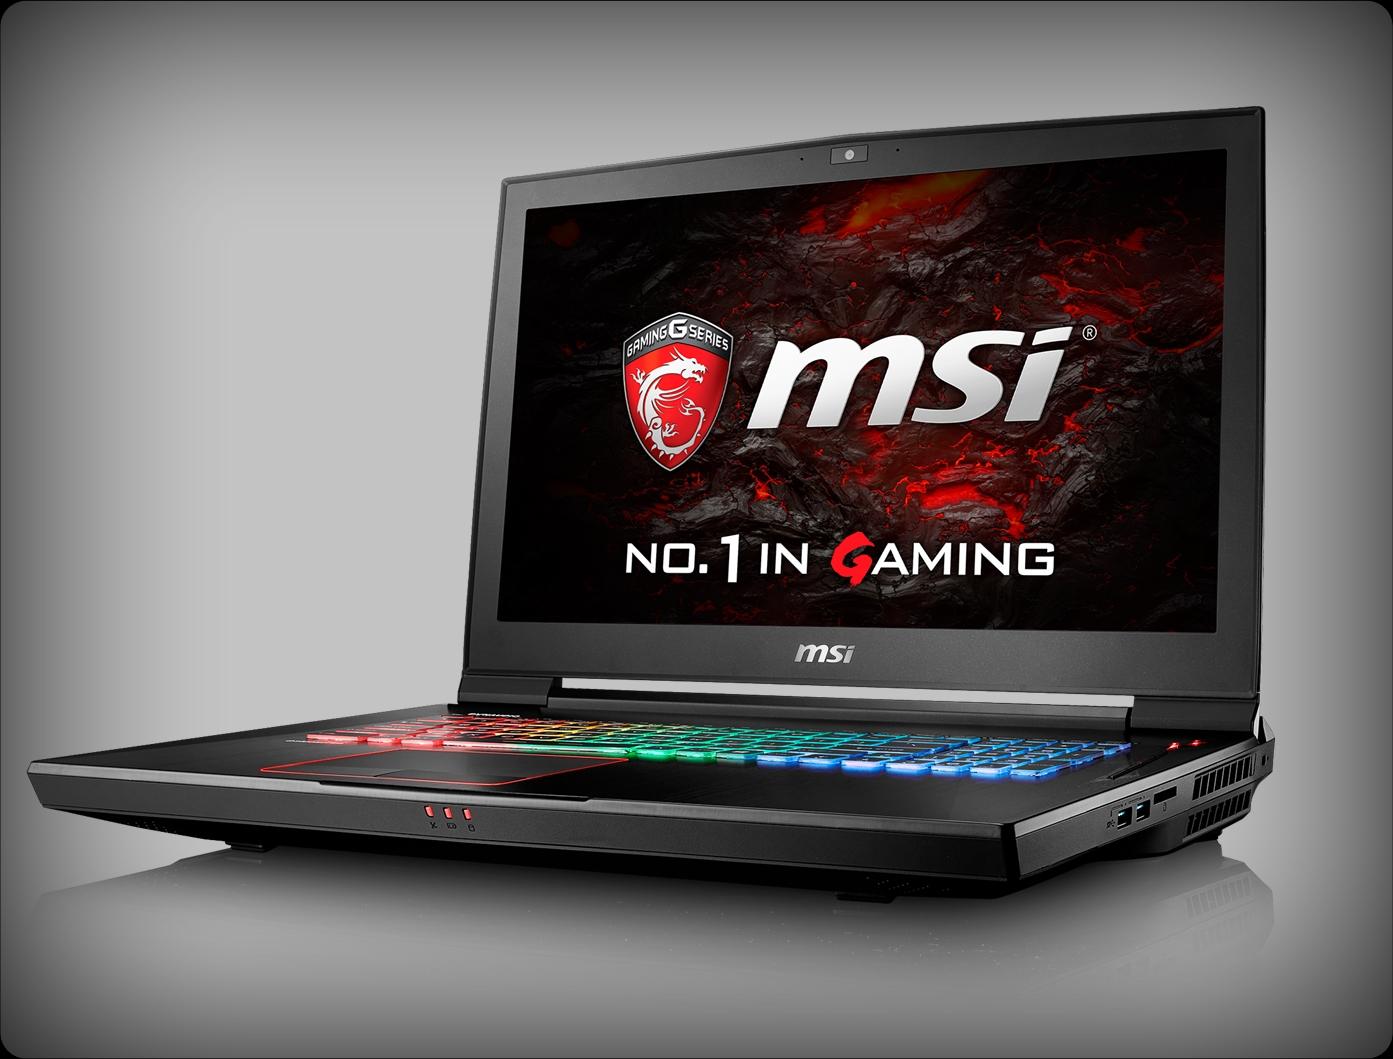 MSI GT73VR TITAN 4K SLI Driver for Windows 7